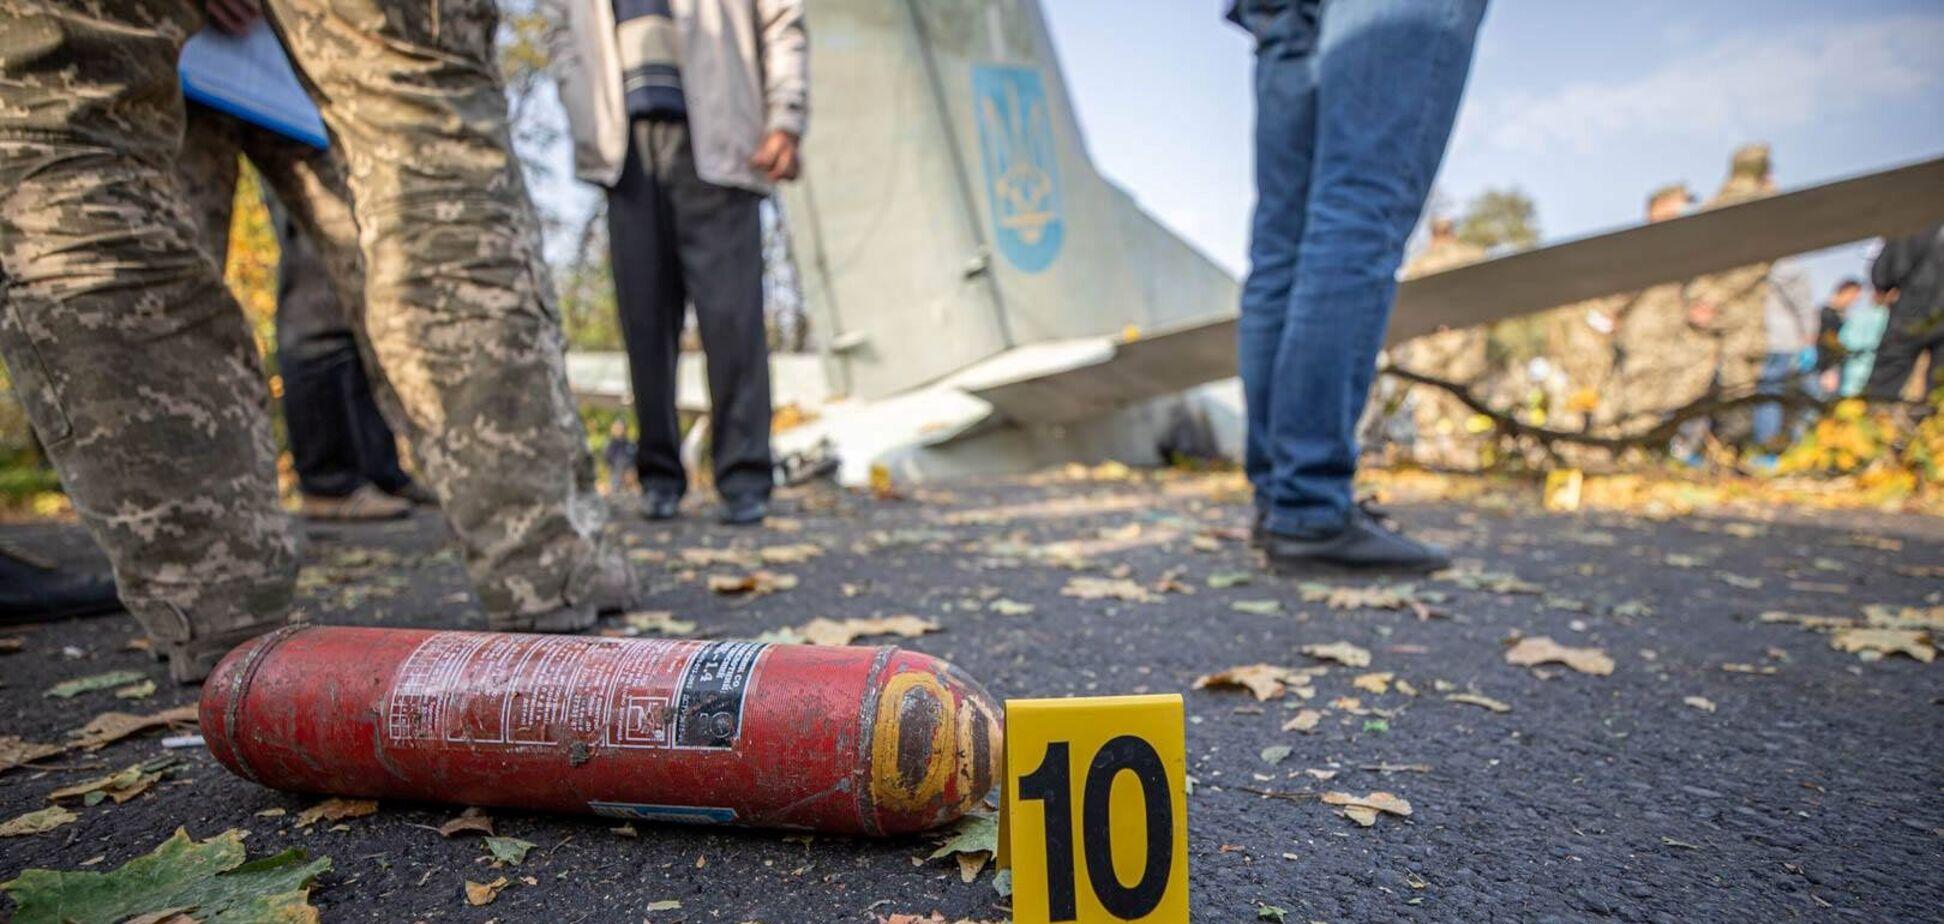 Свідок розповів про деталі катастрофи Ан-26 в Чугуєві